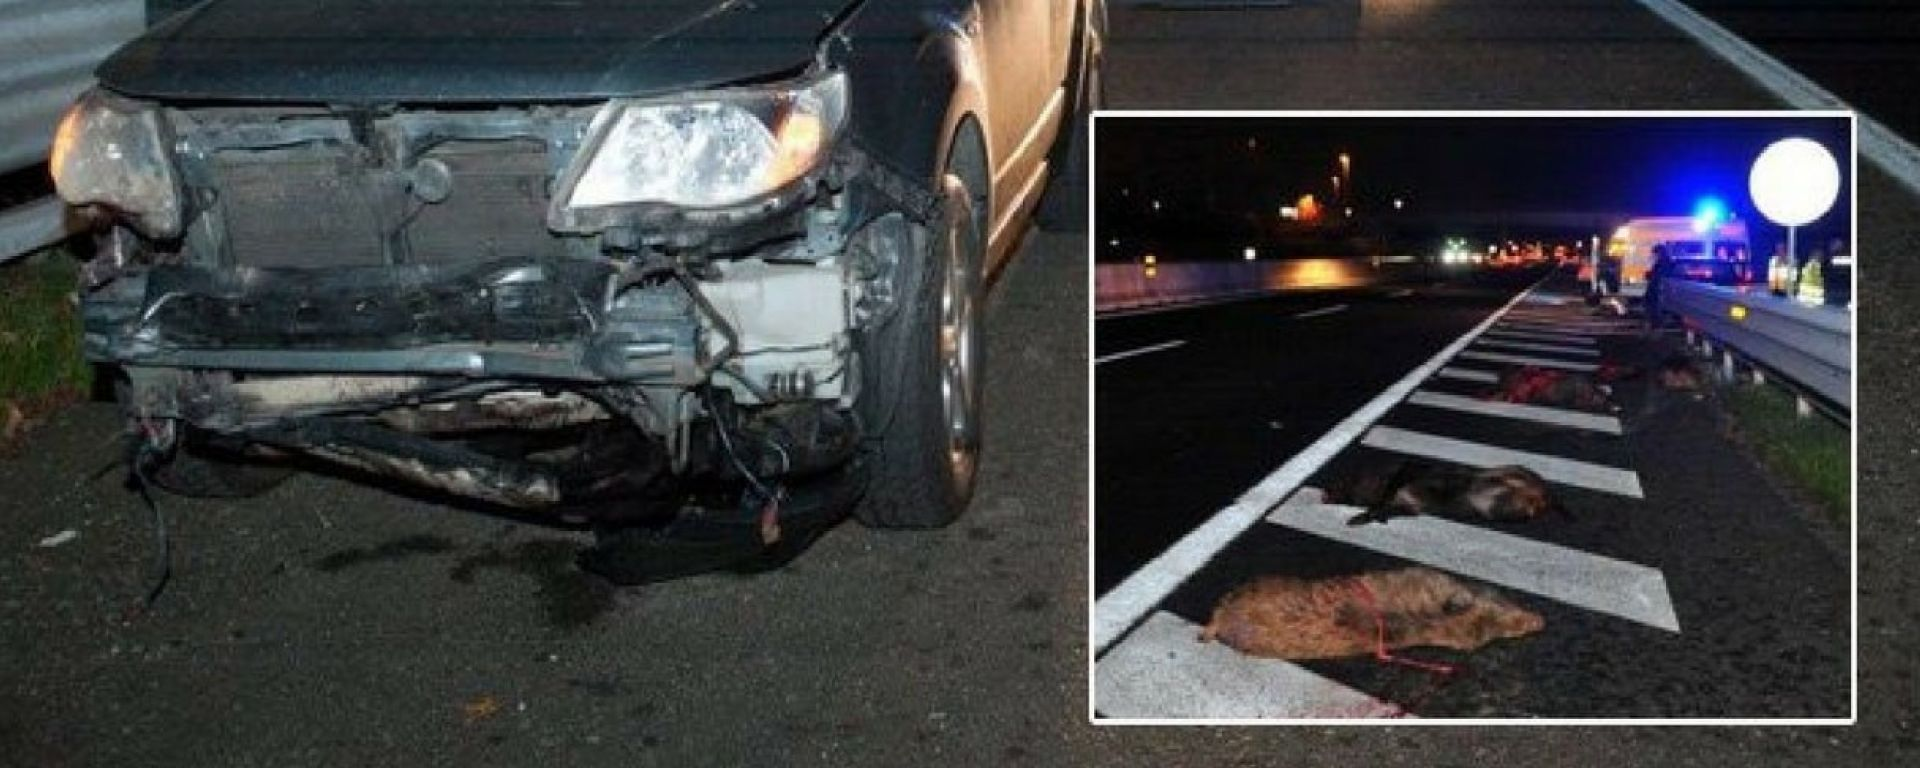 Cinghiali e altri animali, l'incidente sull'A1 è solo l'ultimo